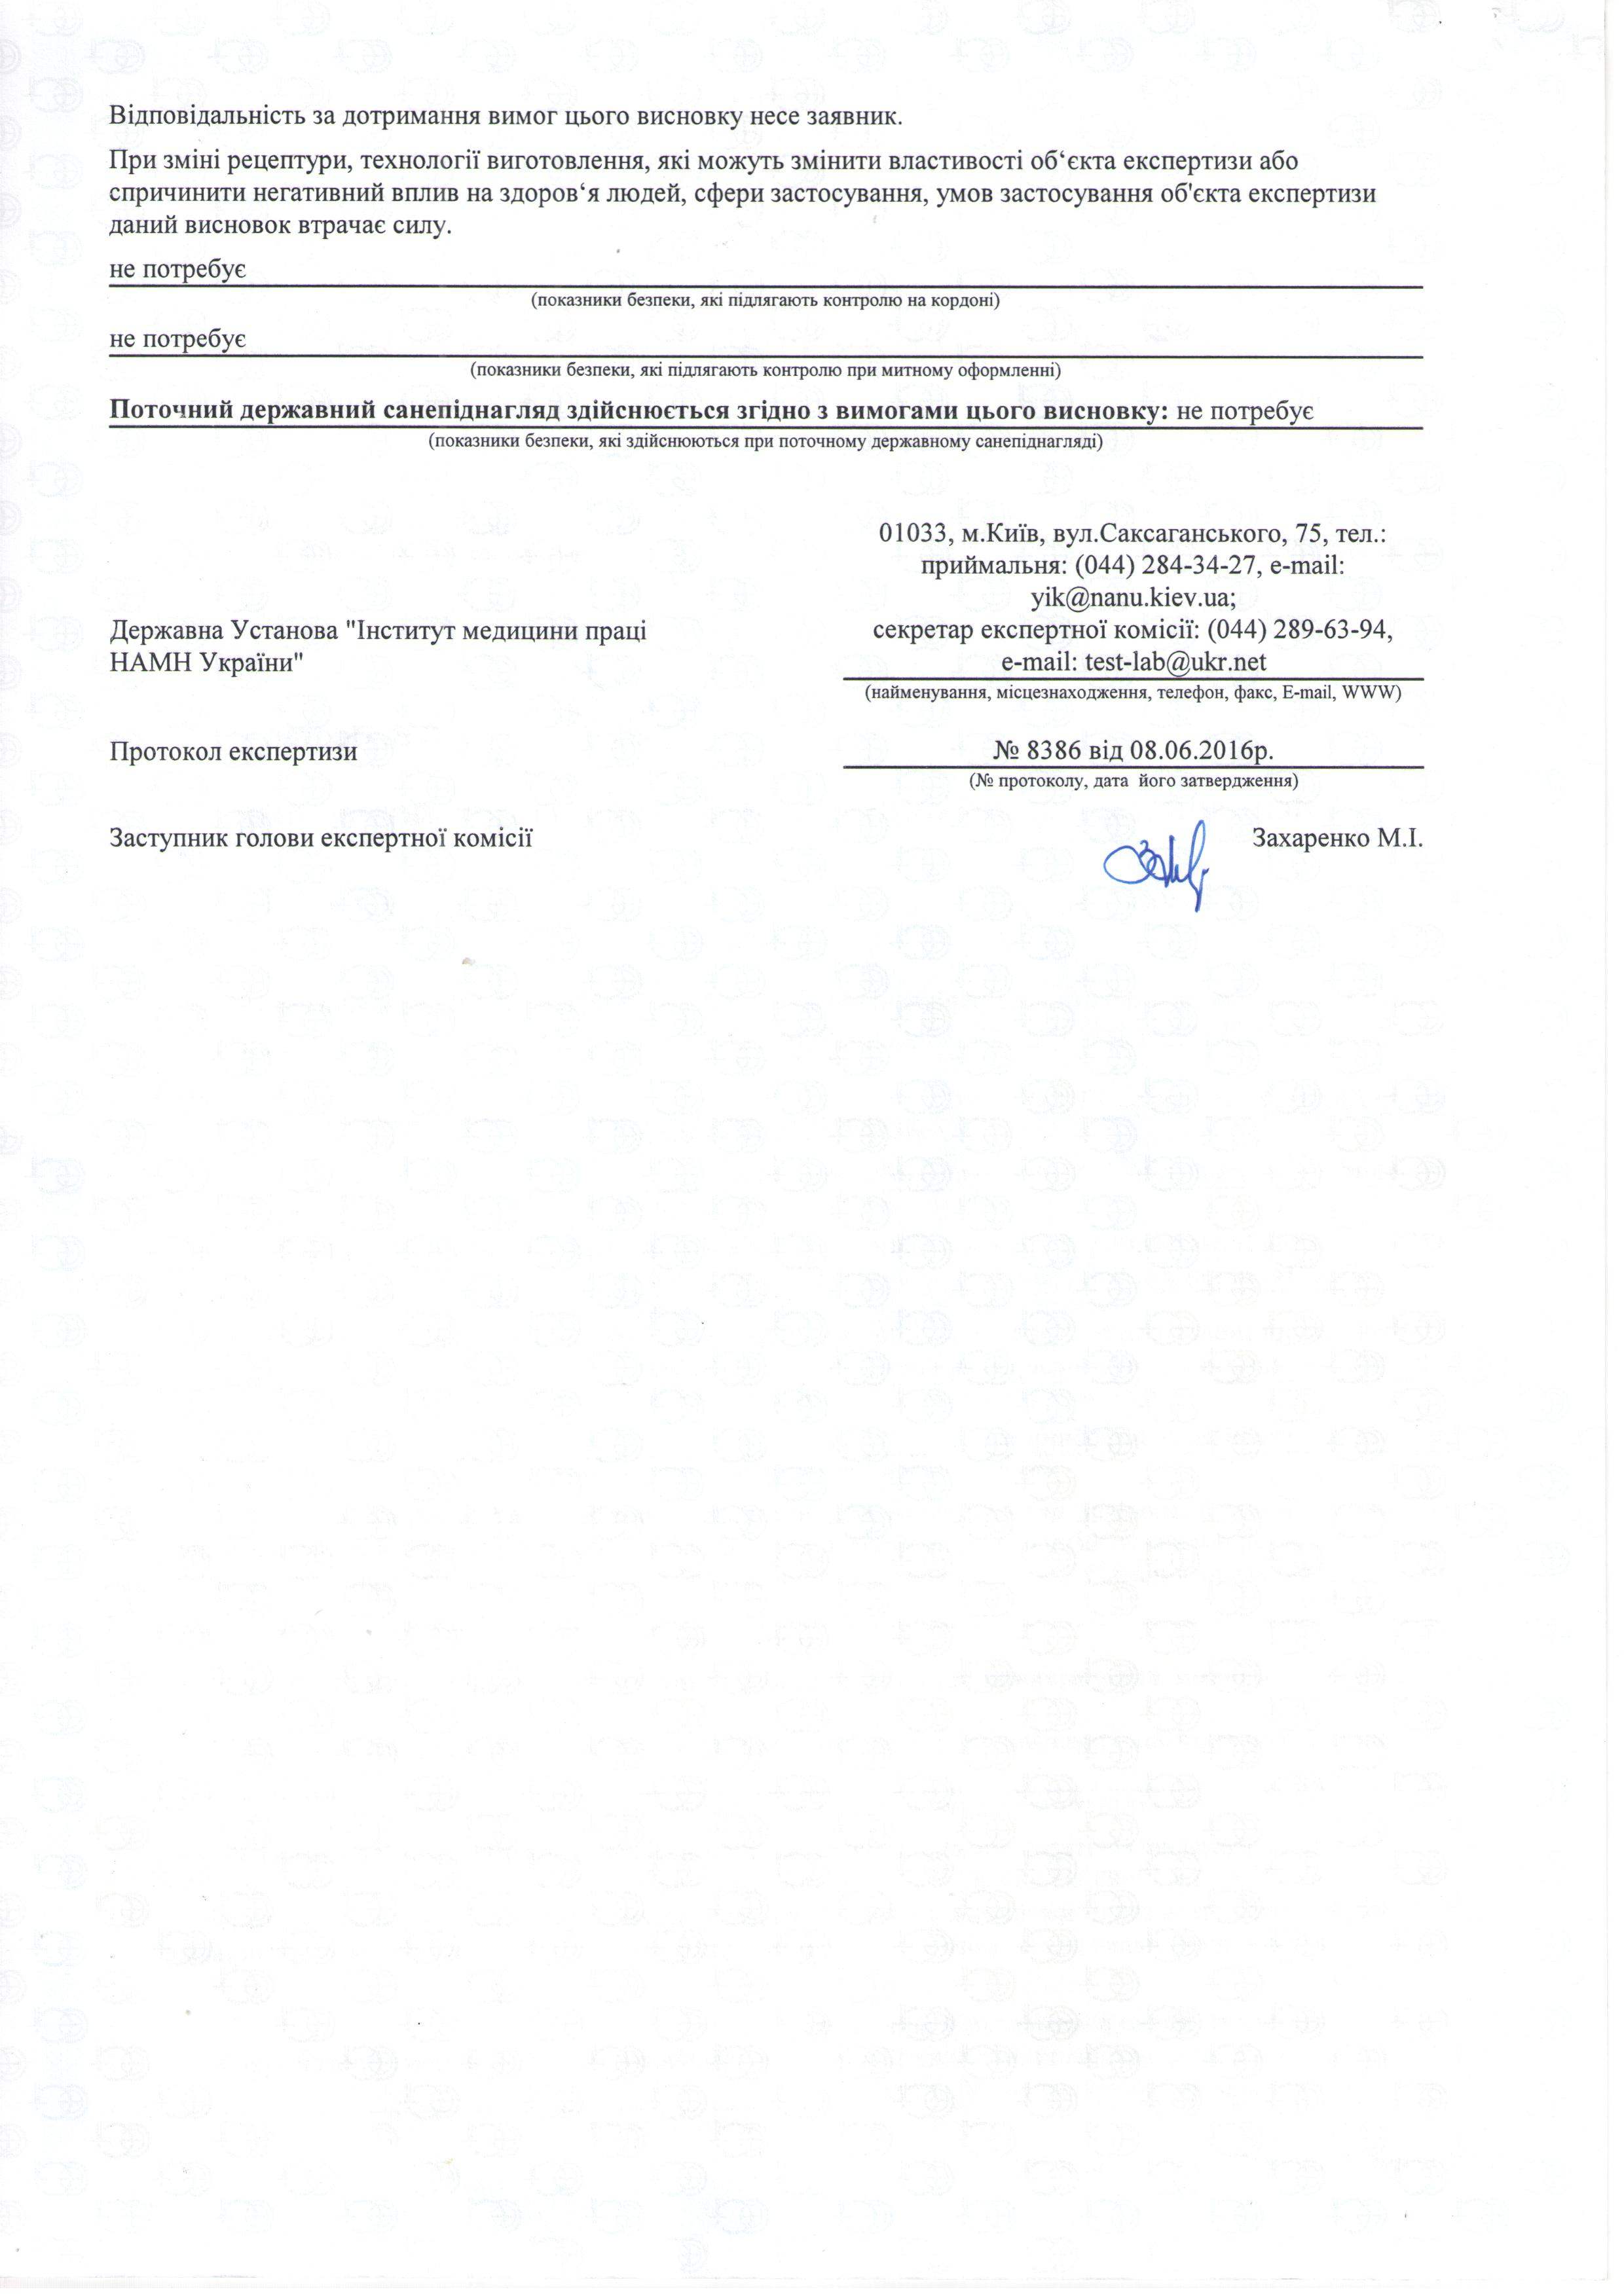 Соглашение об ответственности